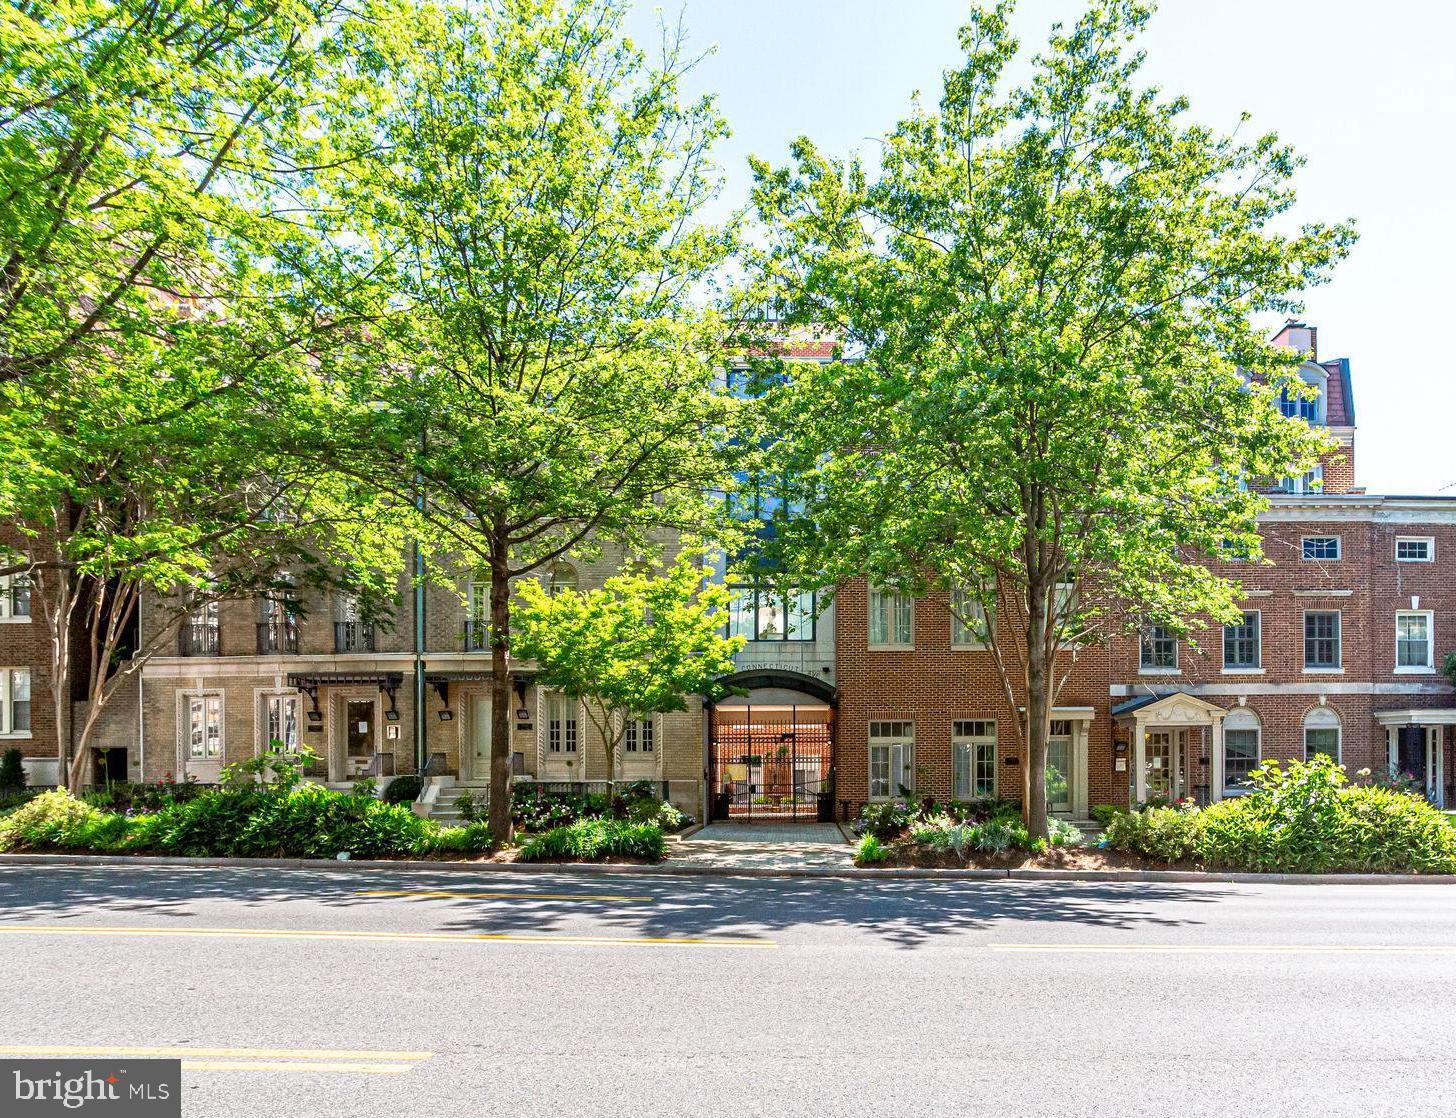 2801 Connecticut Ave NW #20, Washington, DC, 20008